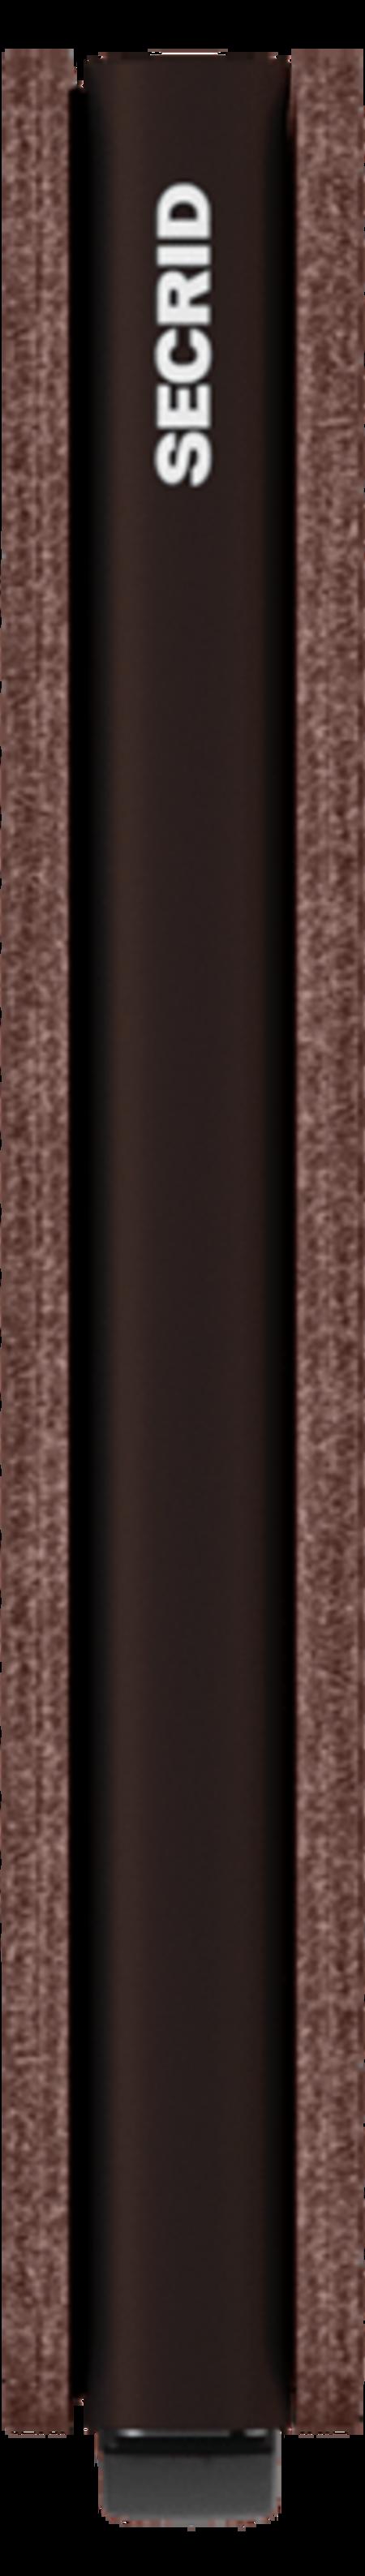 Secrid Slim wallet - Veg Espresso/Brown